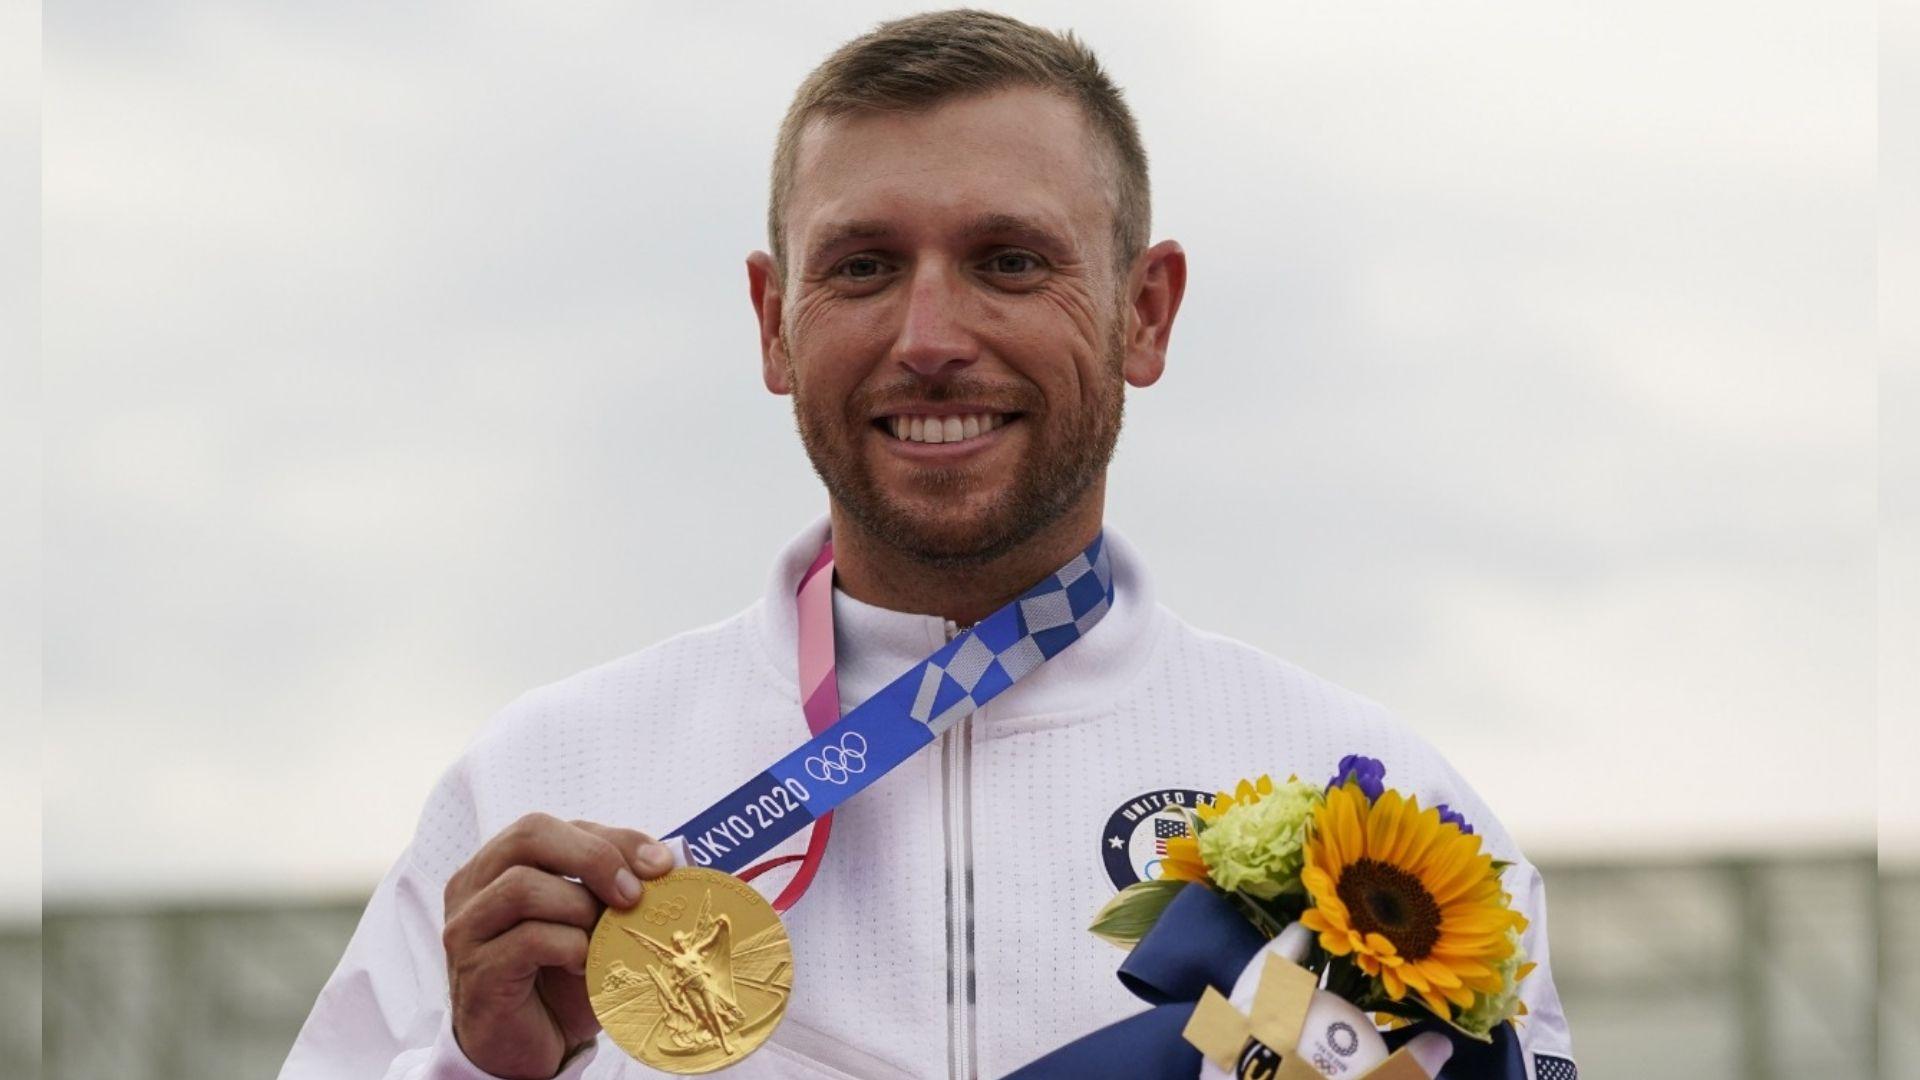 Atleta que conquistou 3ª medalha de ouro nas Olimpíadas credita sua vitória a Deus